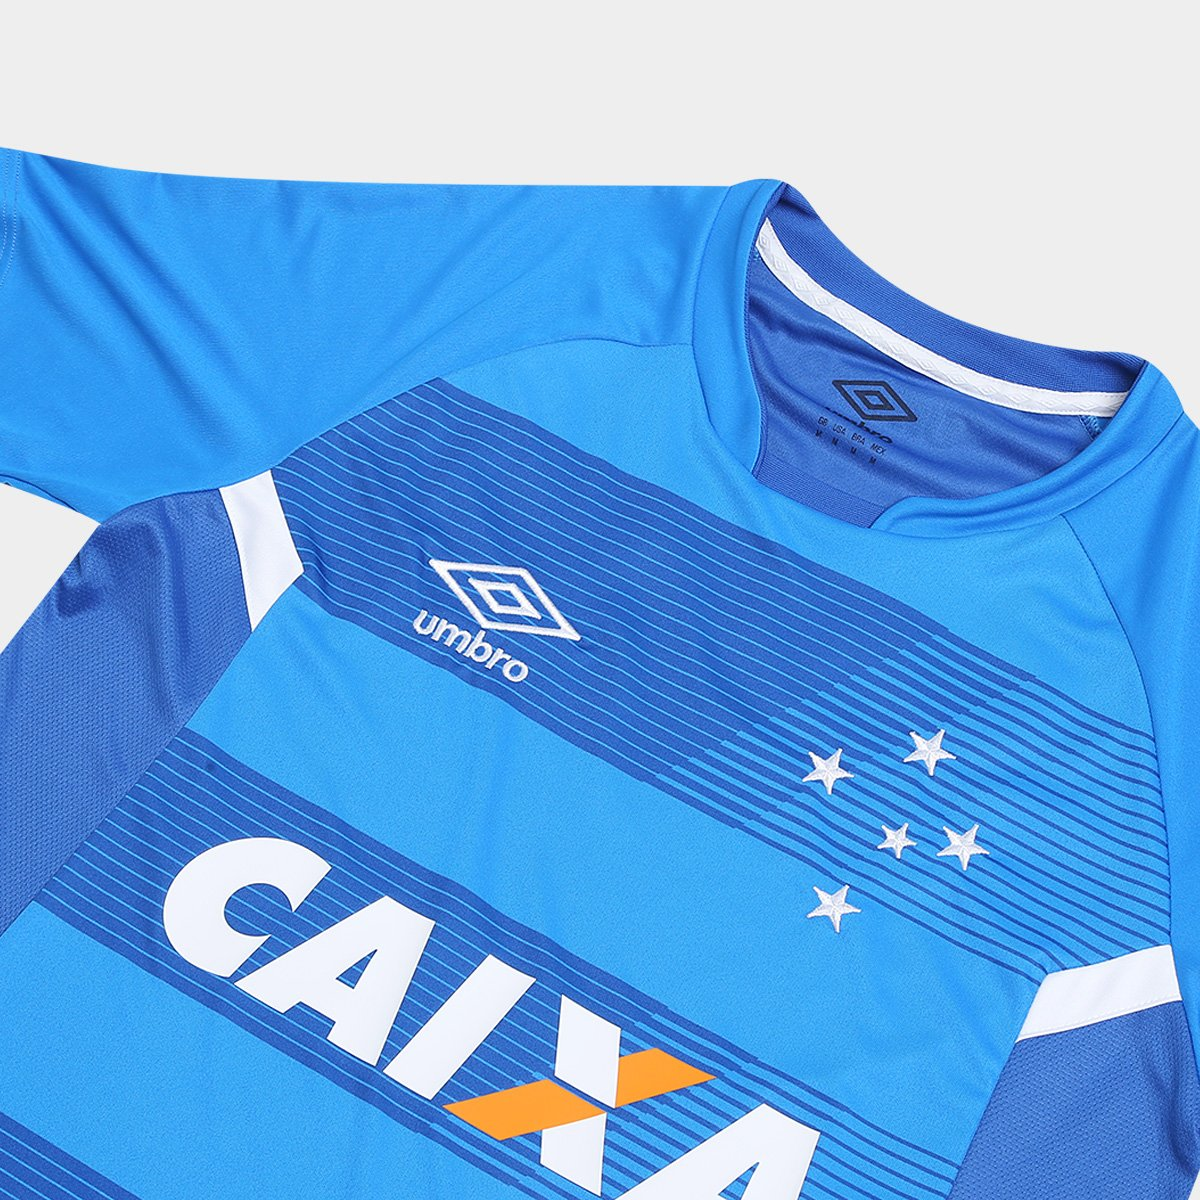 Camisa de Treino Cruzeiro 17 18 Umbro Masculina - Compre Agora ...  dfb2f9903d32df . ... c1f173eb62b5b